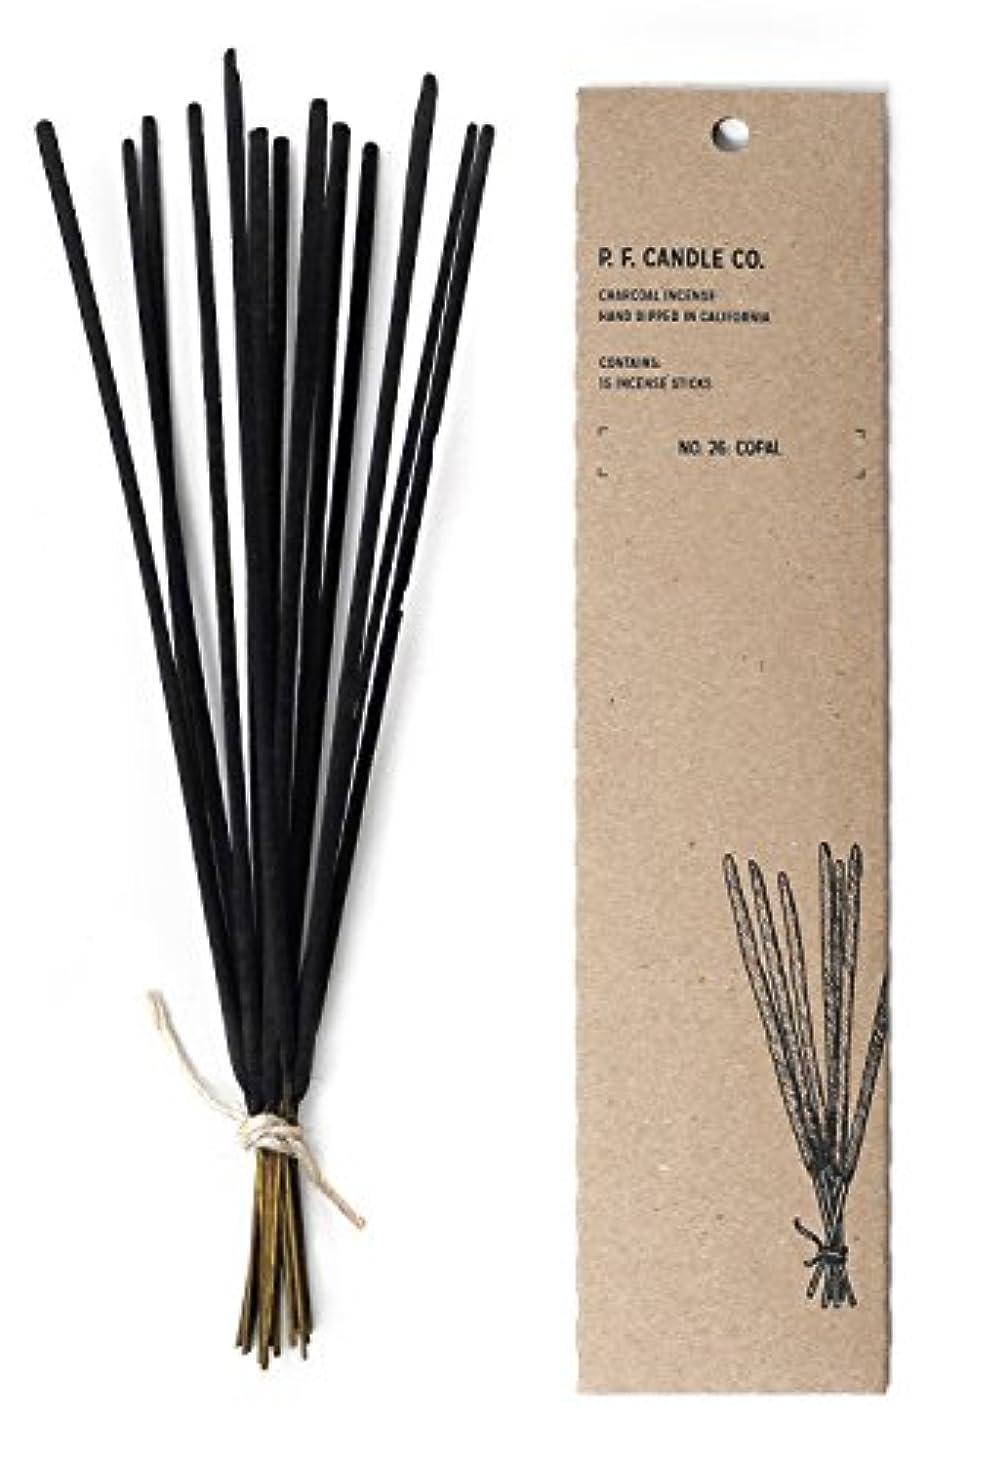 ジョージハンブリー邪悪な空気p.f. Candle Co。 – No。26 : Copal Incense 2-Pack